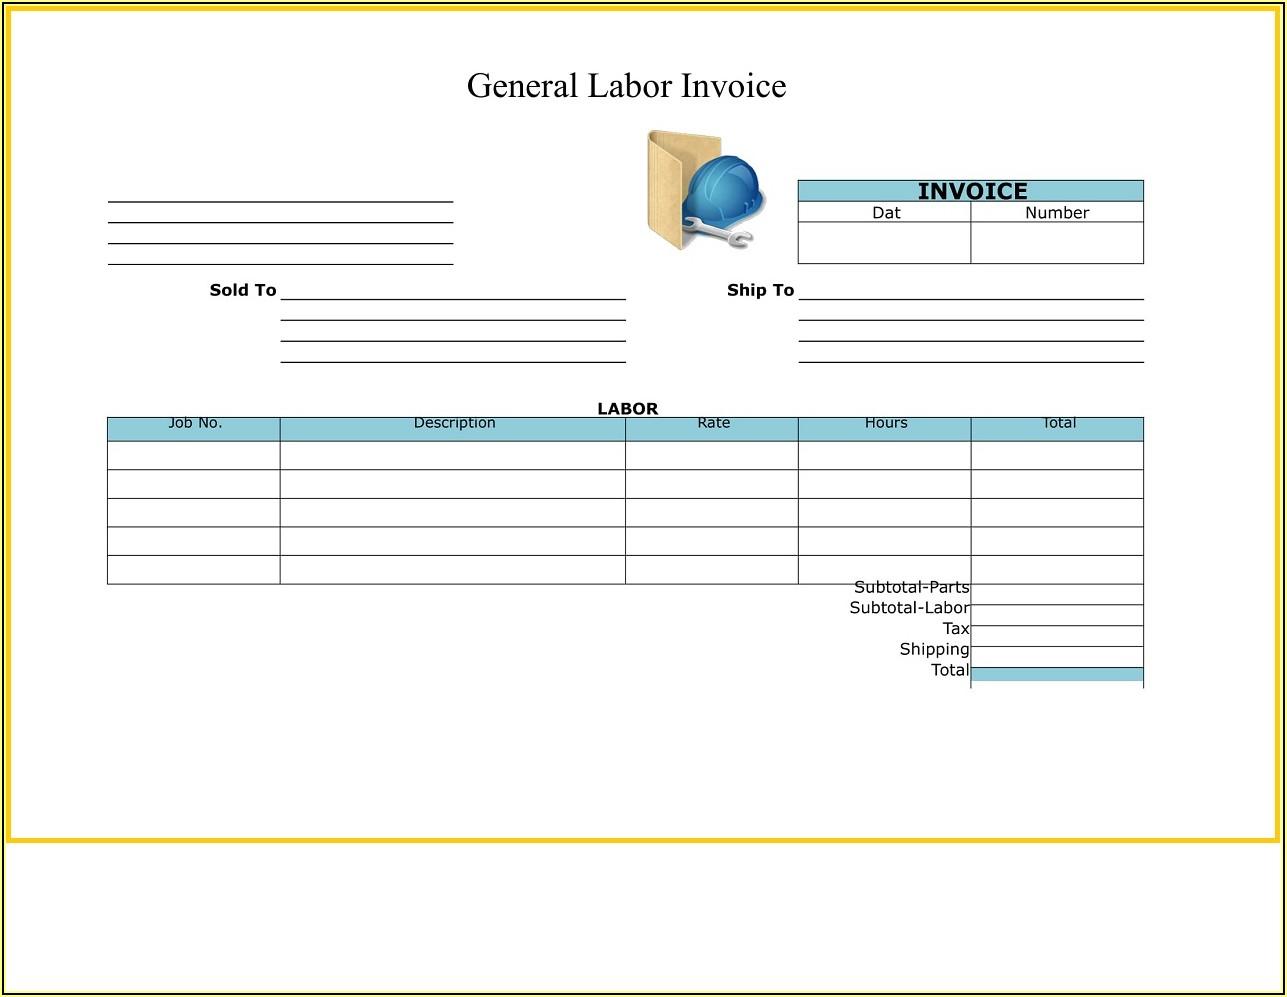 General Labor Invoice Template